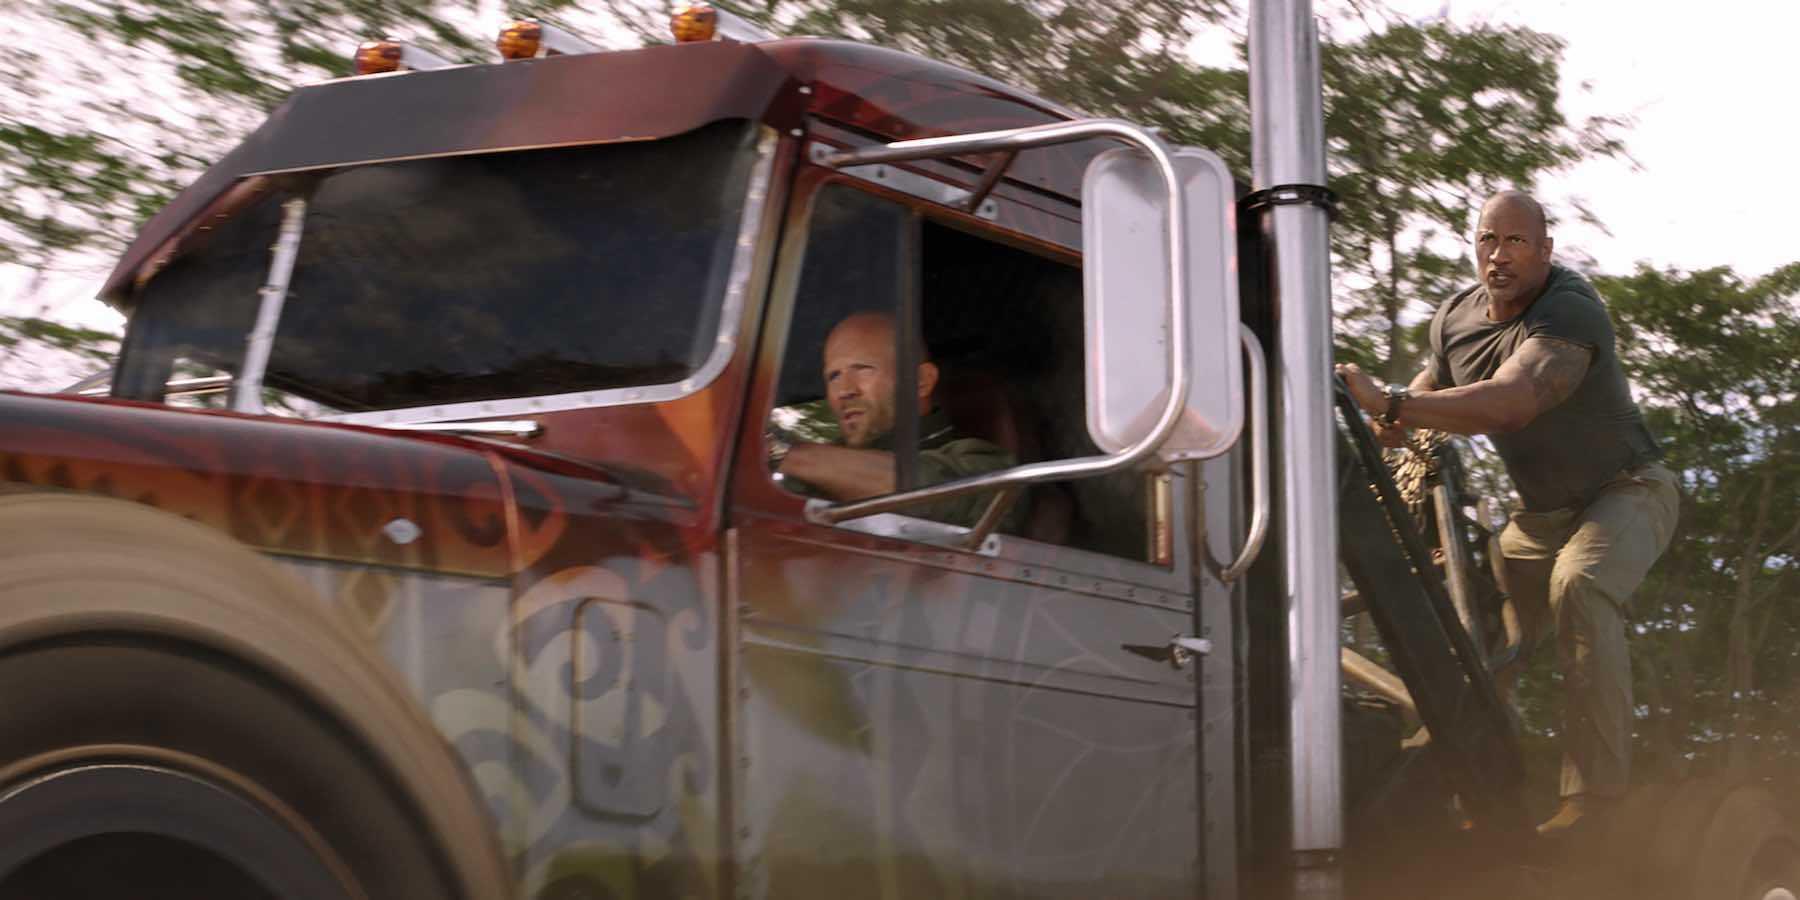 The Rock một mình cân cả trực thăng trong phim ngoại truyện của 'Fast & Furious'